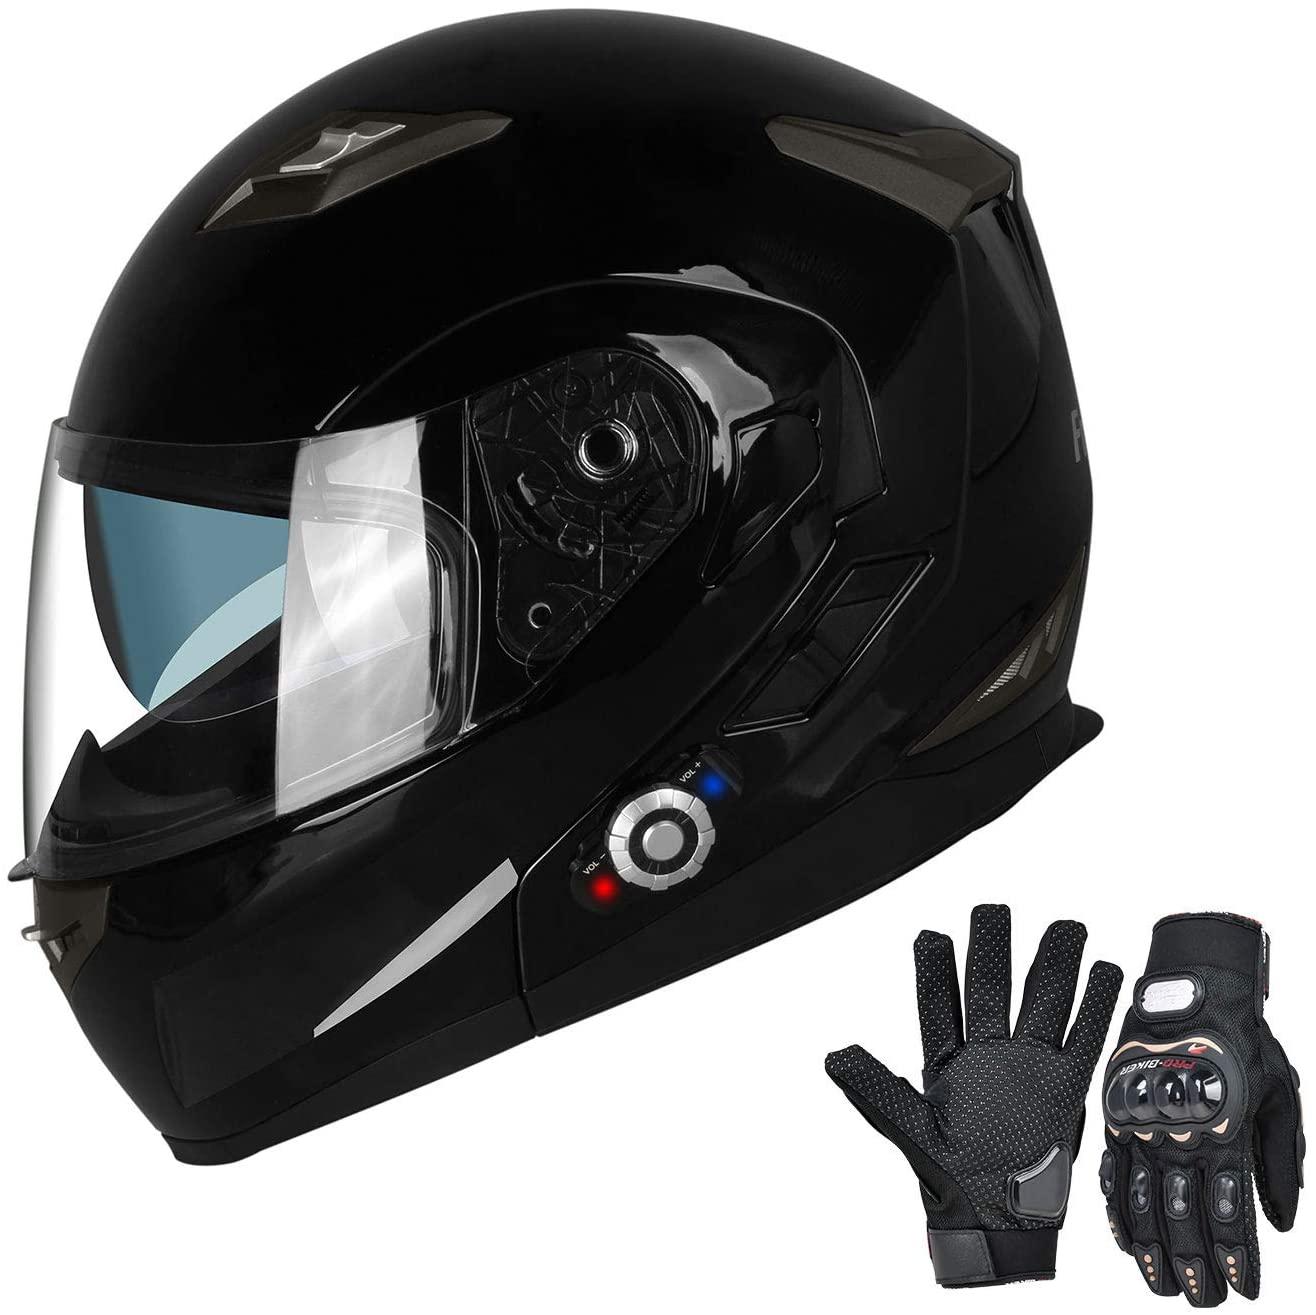 Best Motorcycle Helmets Under $200